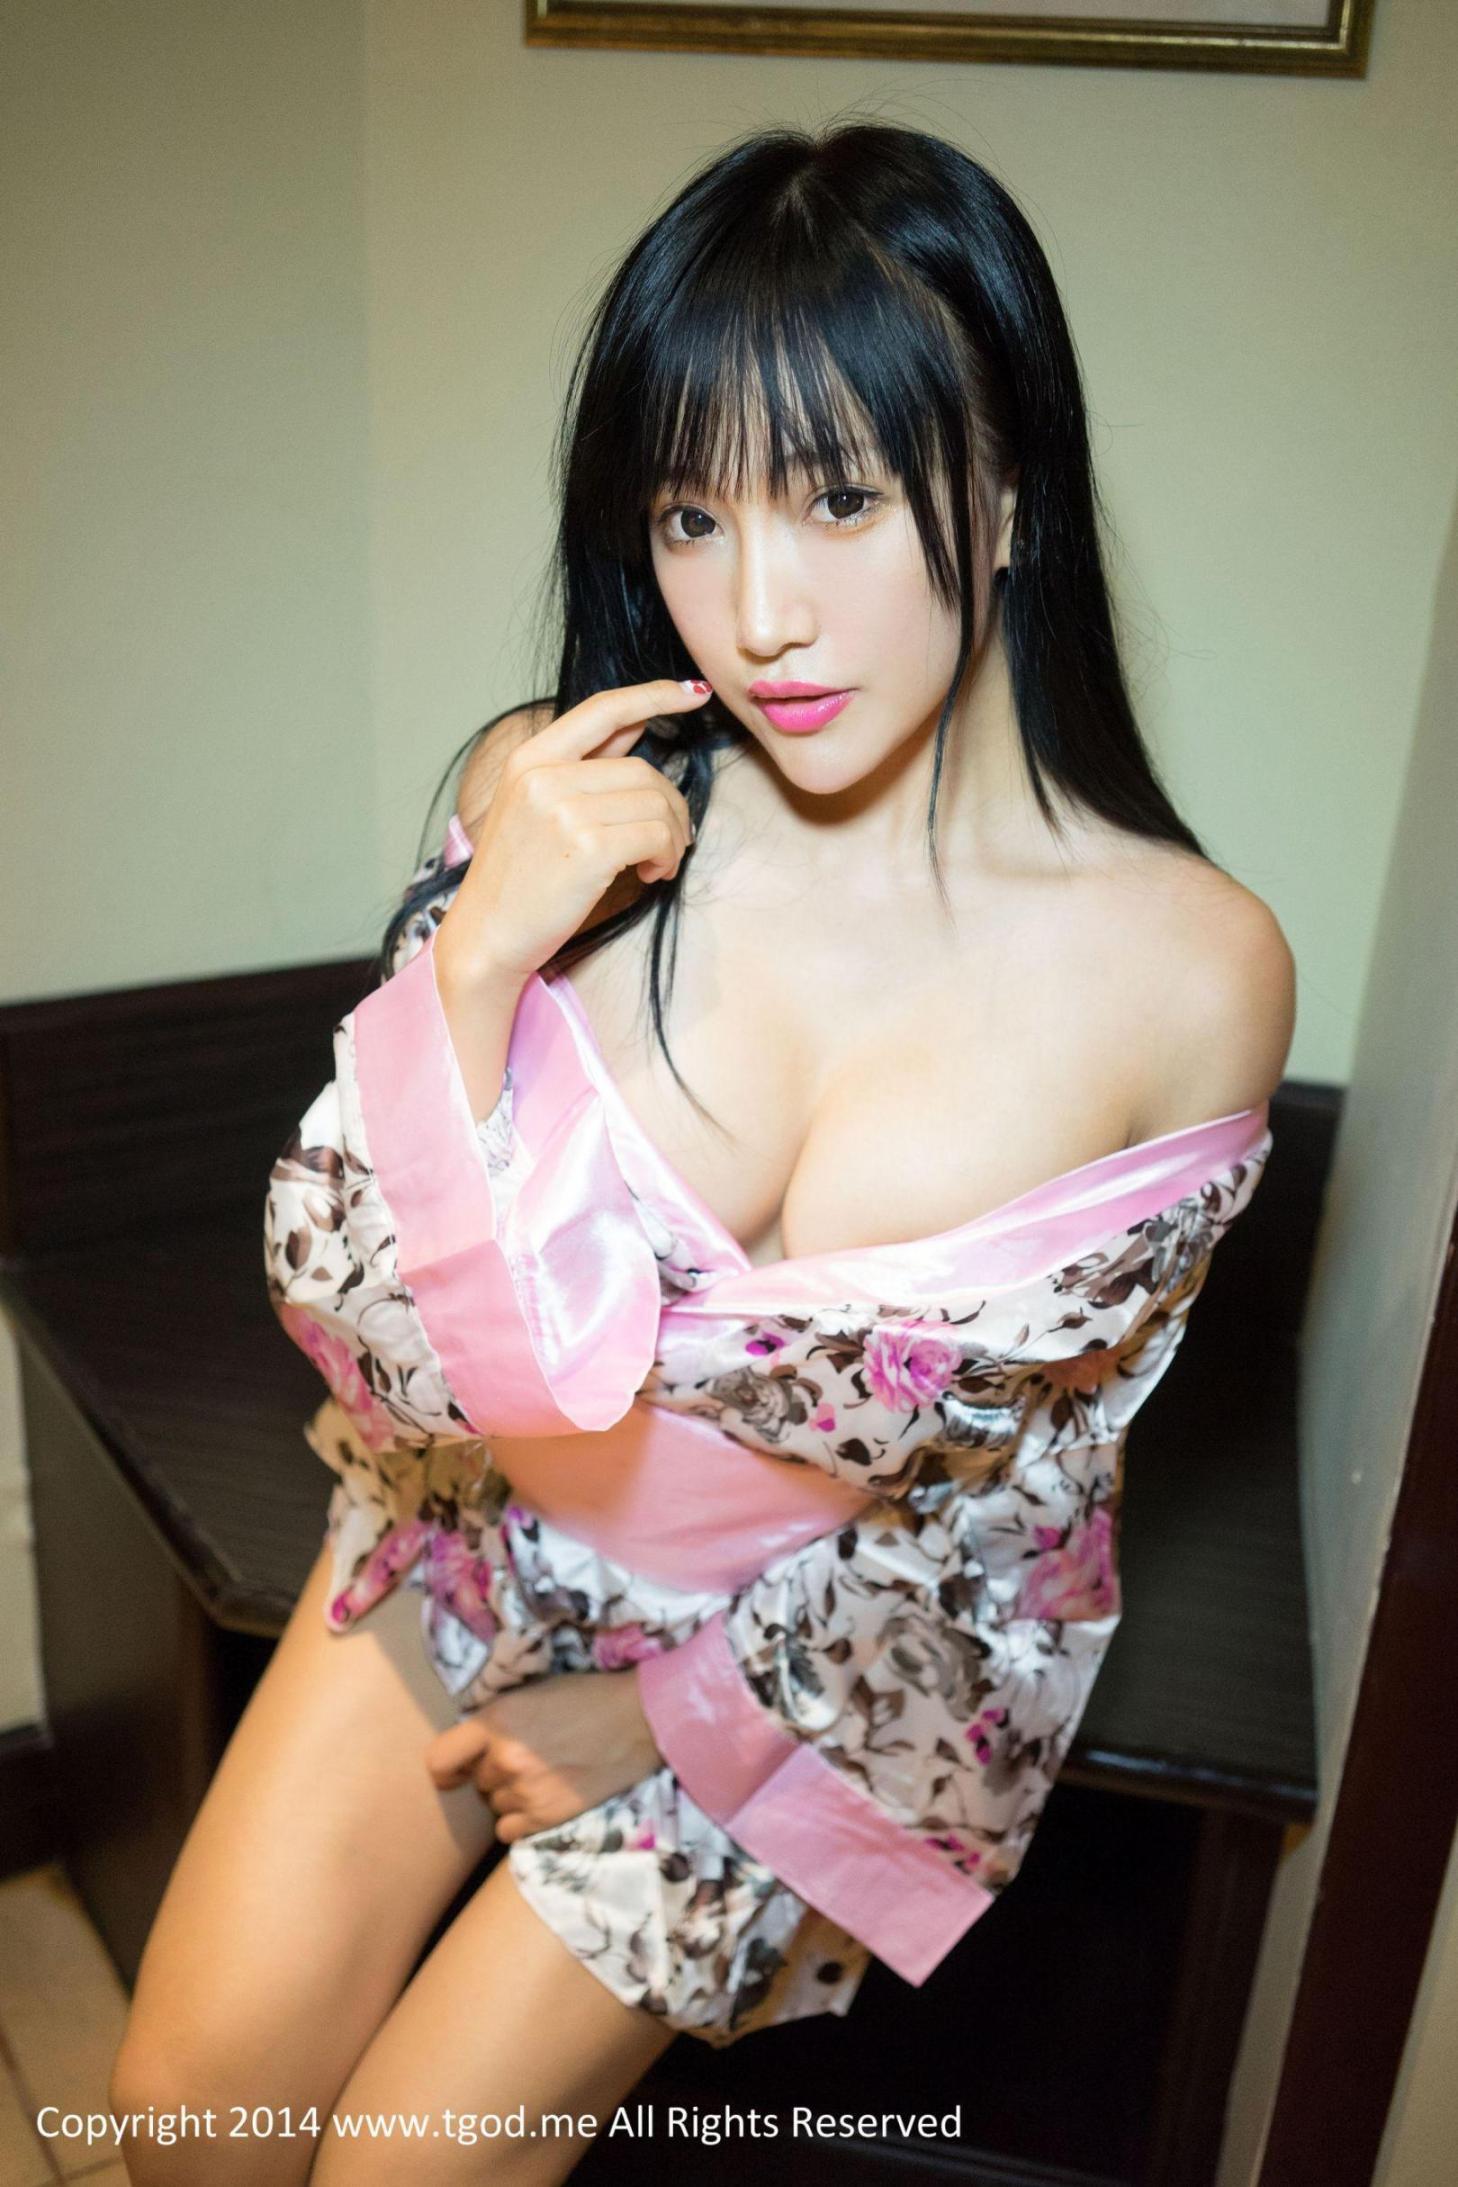 [推女神] 杨上萱 沙巴旅拍 高清写真套图